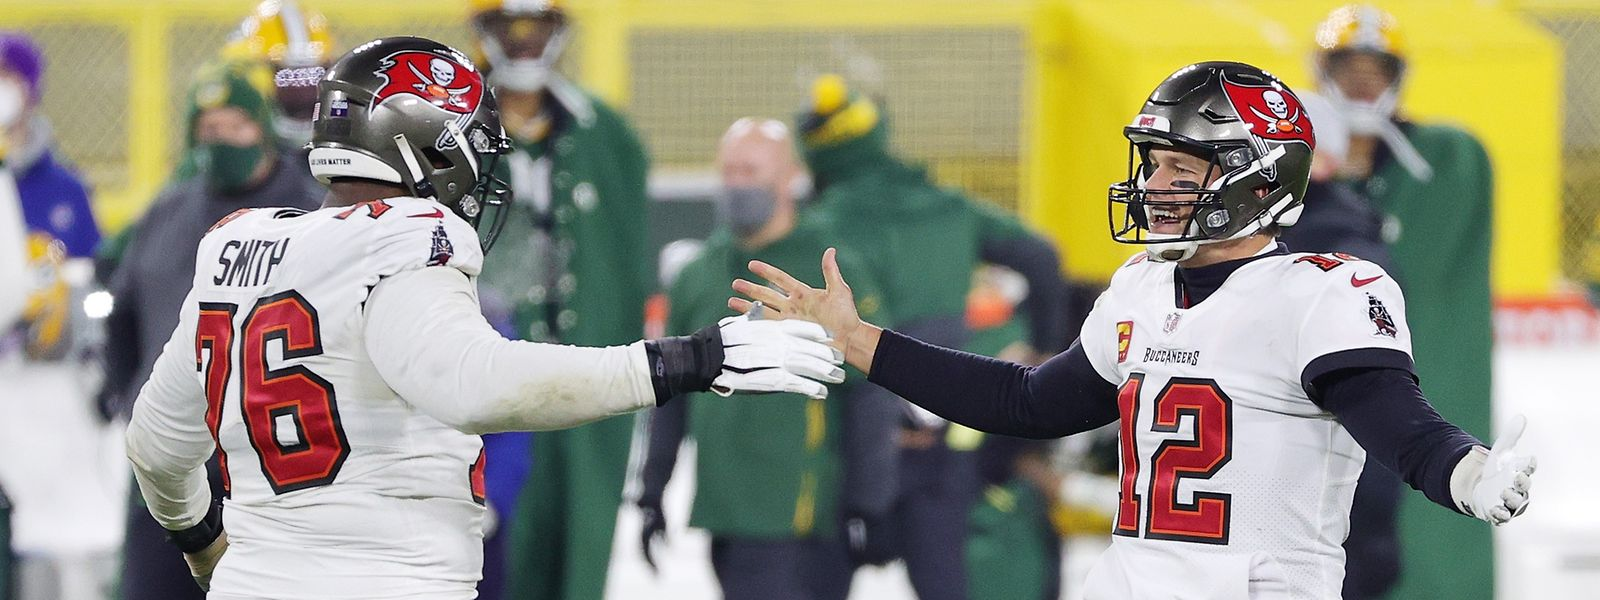 Tom Brady (r.) und Donovan Smith haben es geschafft: Sie können sich auf den Super Bowl freuen.